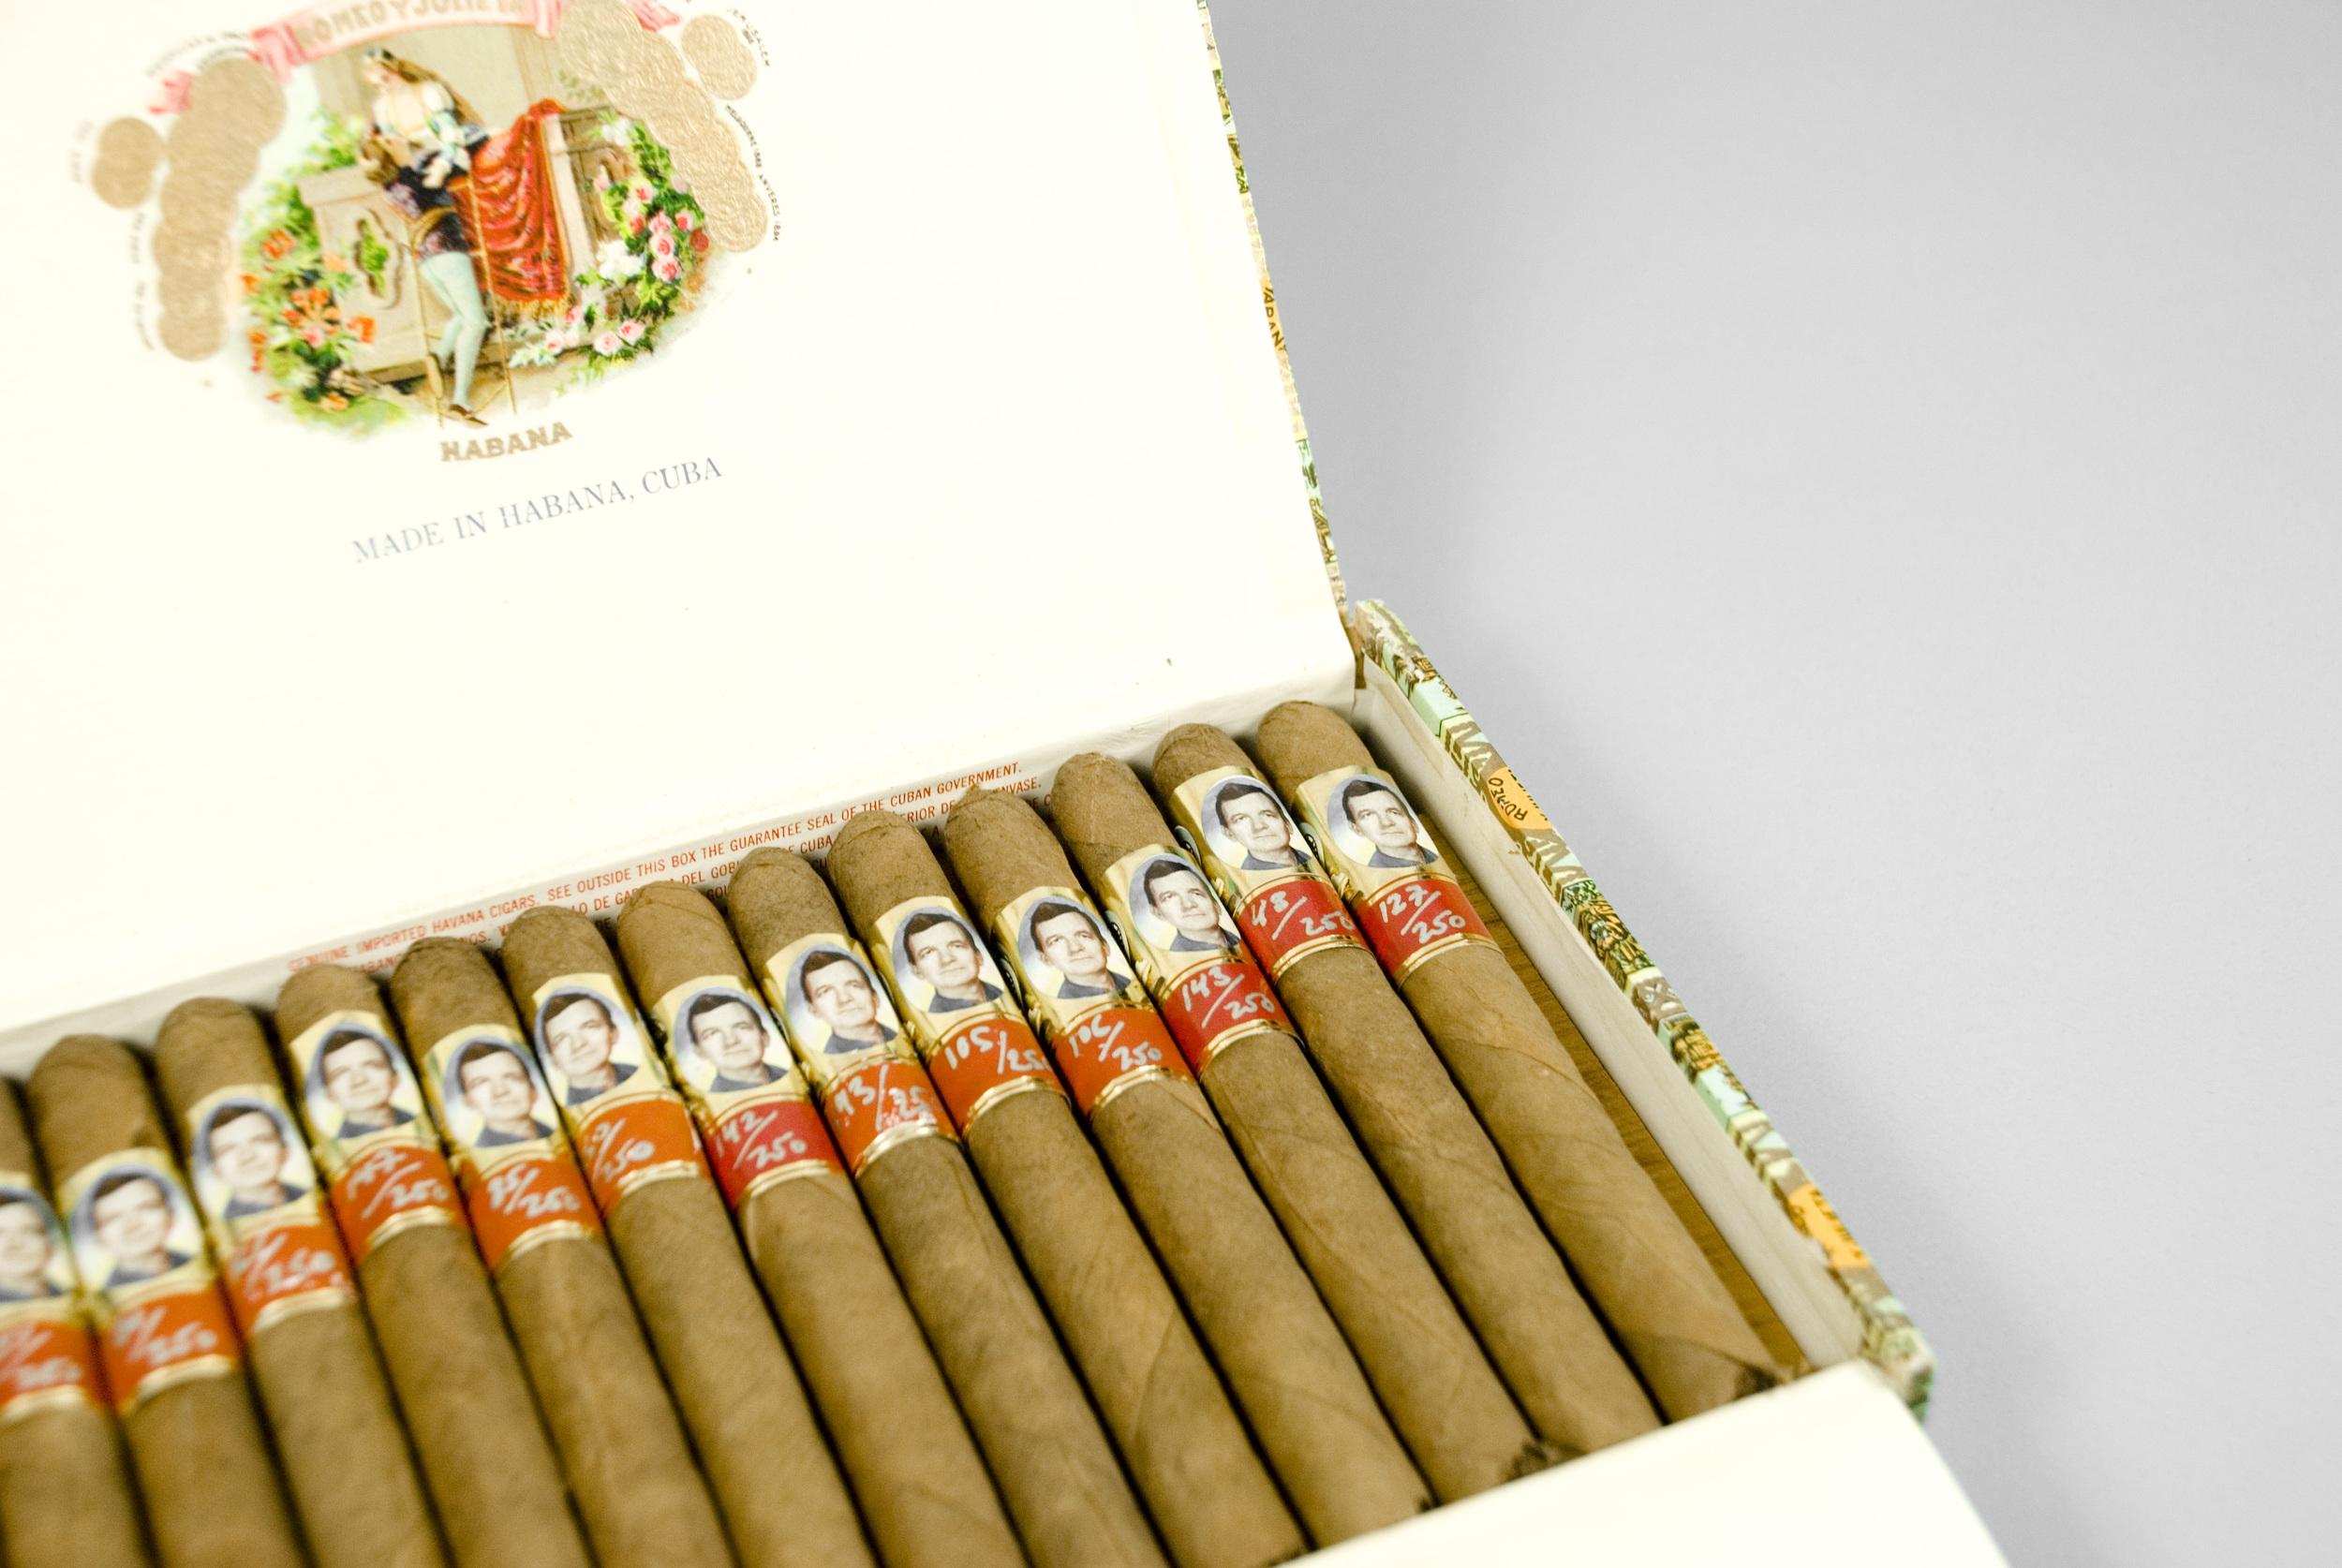 cigar box13.jpg